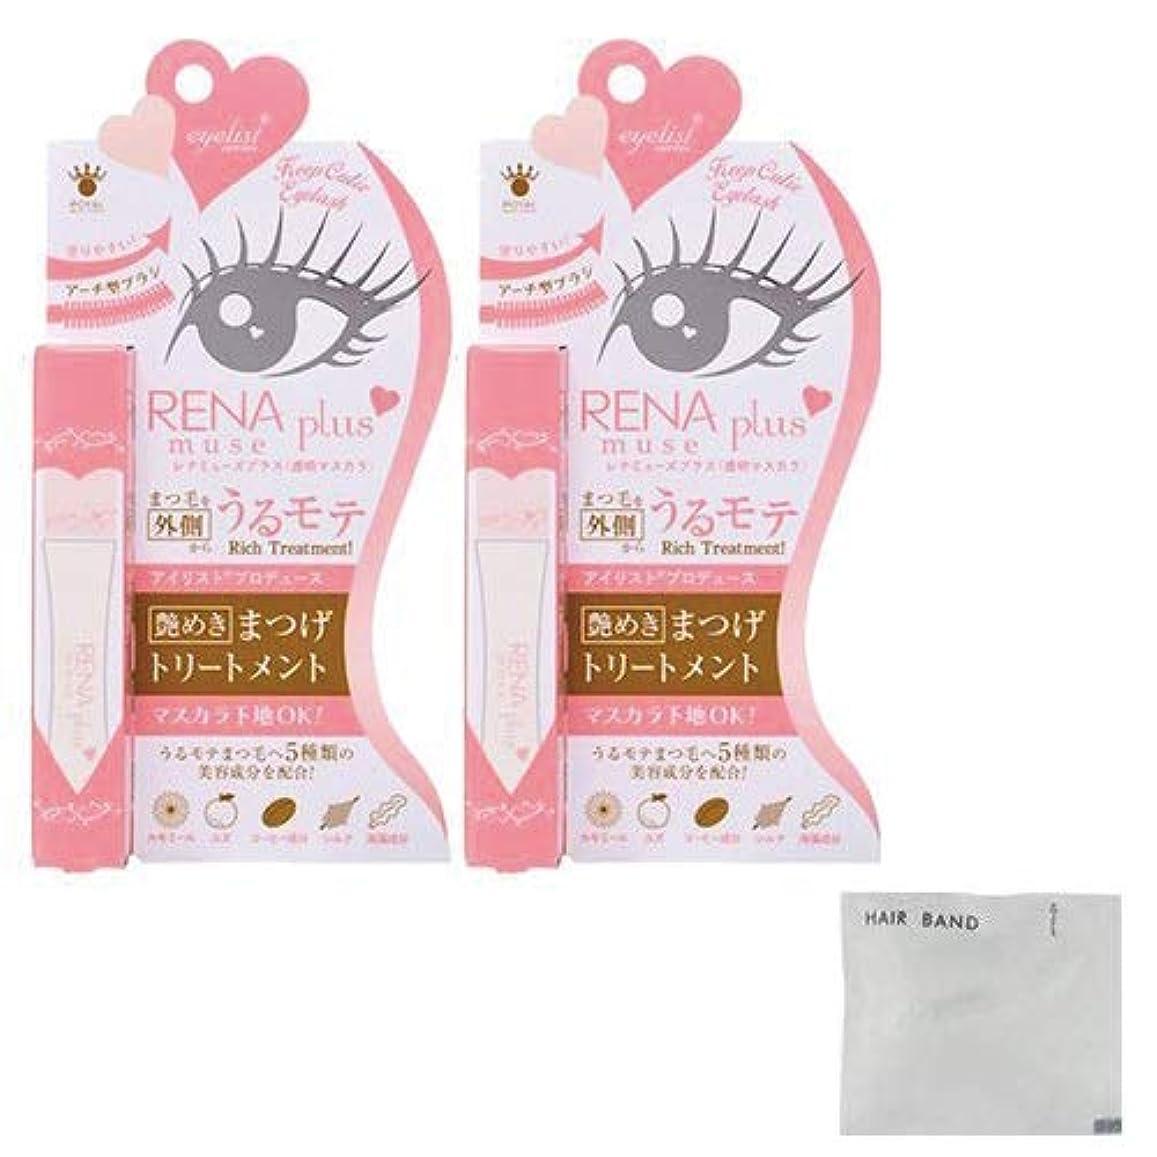 アイリストシリーズ アイリスト(eyelist) RENA muse plus(レナミューズプラス) 8g ×2個 + ヘアゴム(カラーはおまかせ)セット